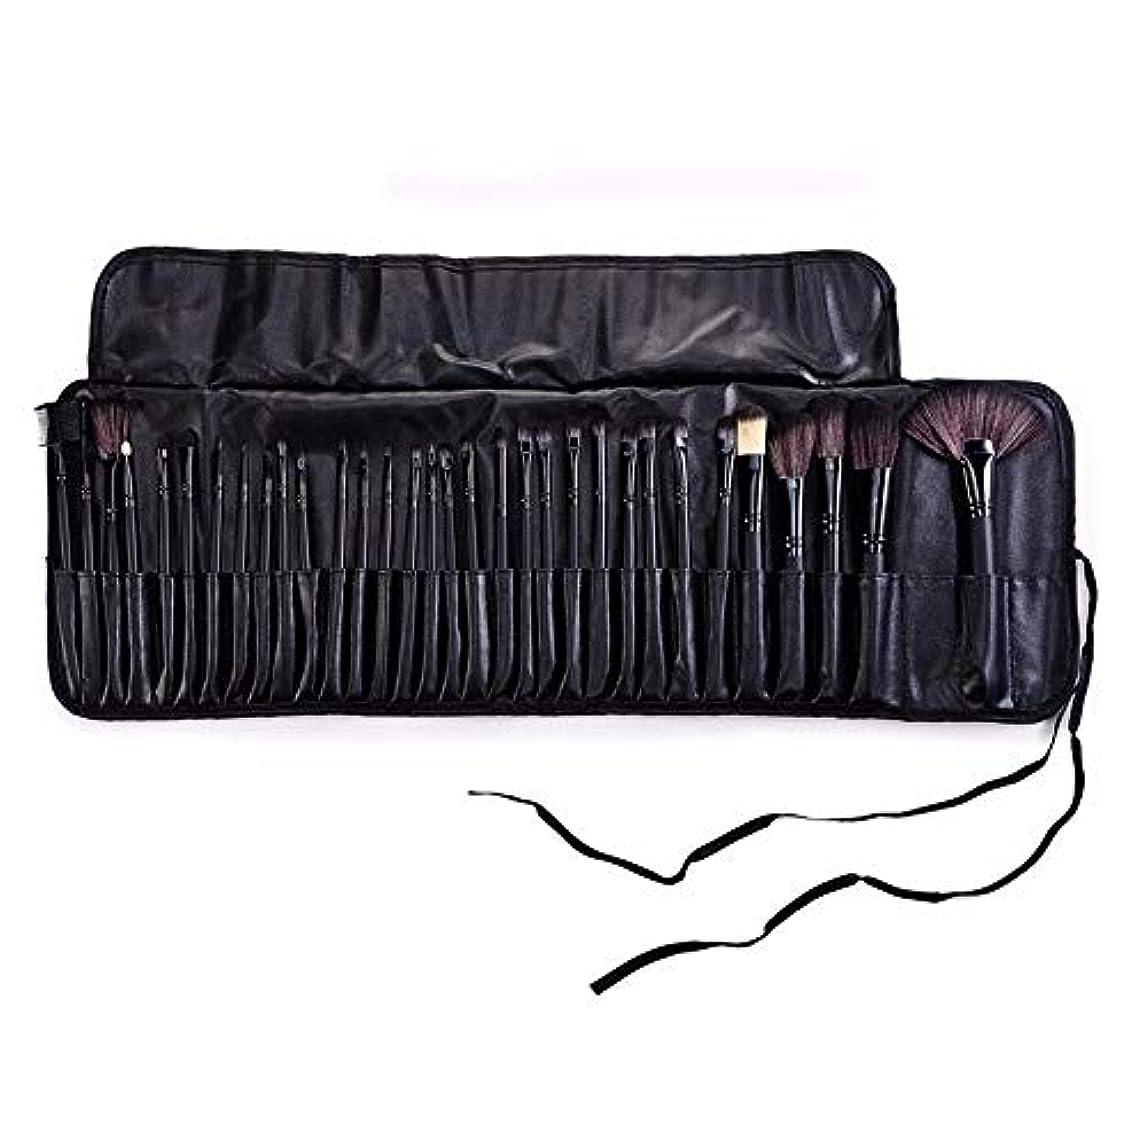 叙情的な罰する幸運Makeup brushes ブラックバッグ32メイクブラシセットモダンな合成アイシャドウアイライナー液化ファンデーションコンシーラーミキシングブラシセット suits (Color : Black)